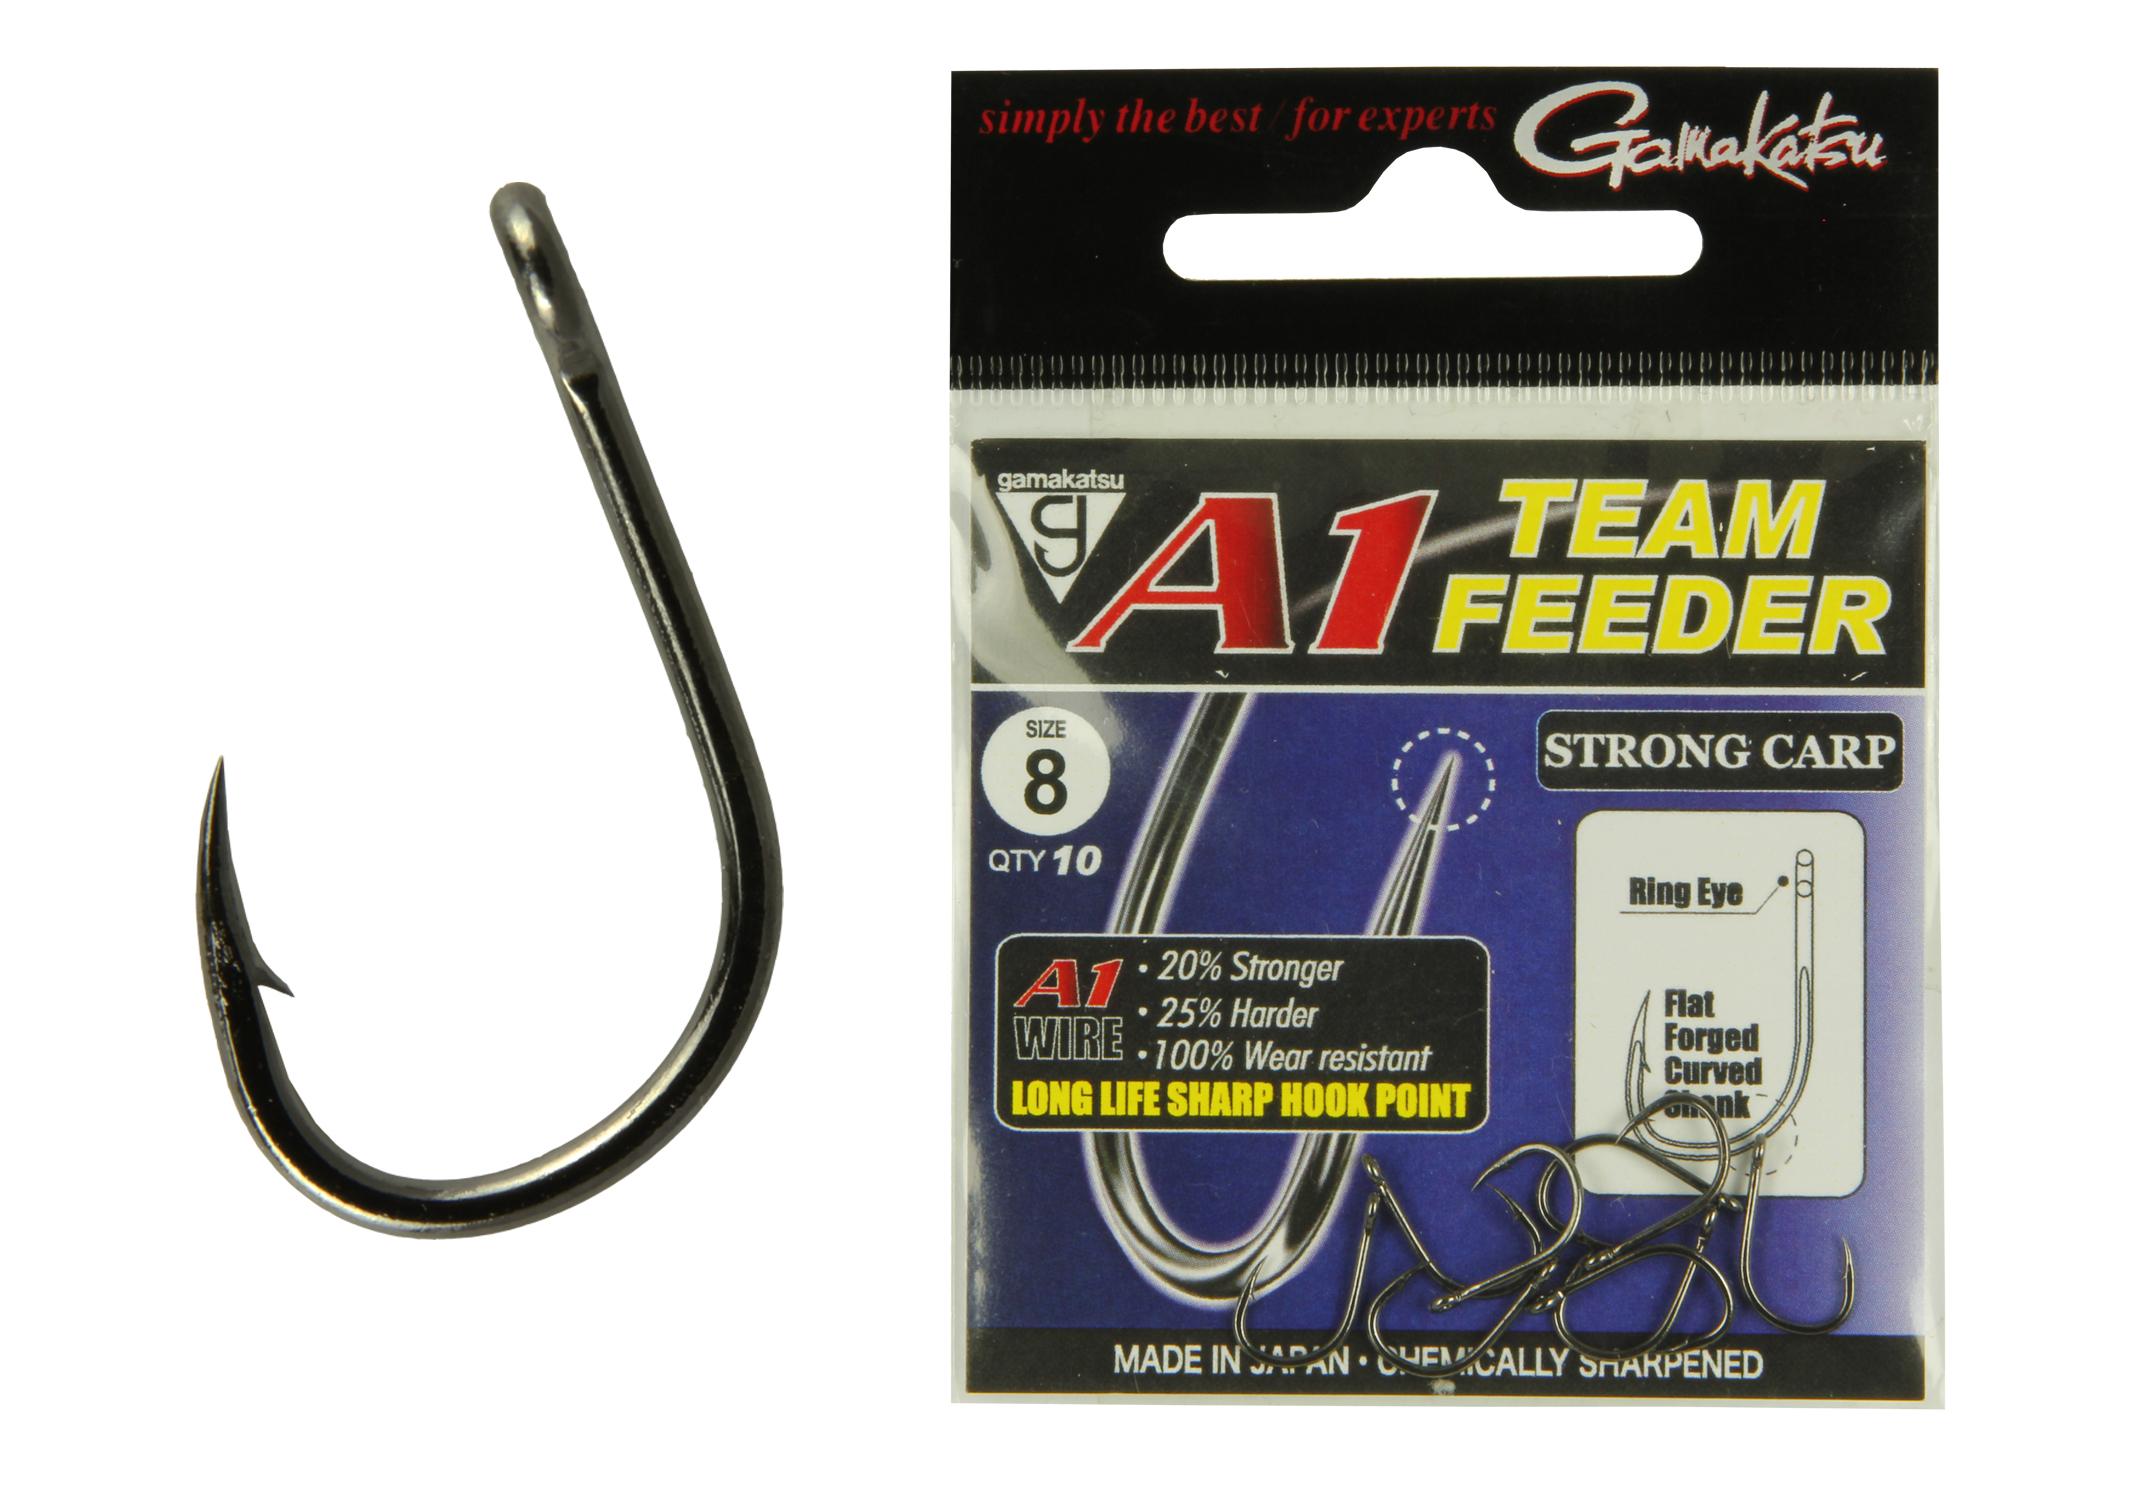 A1 Team Feeder Strong Carp 8-as 10/cs.